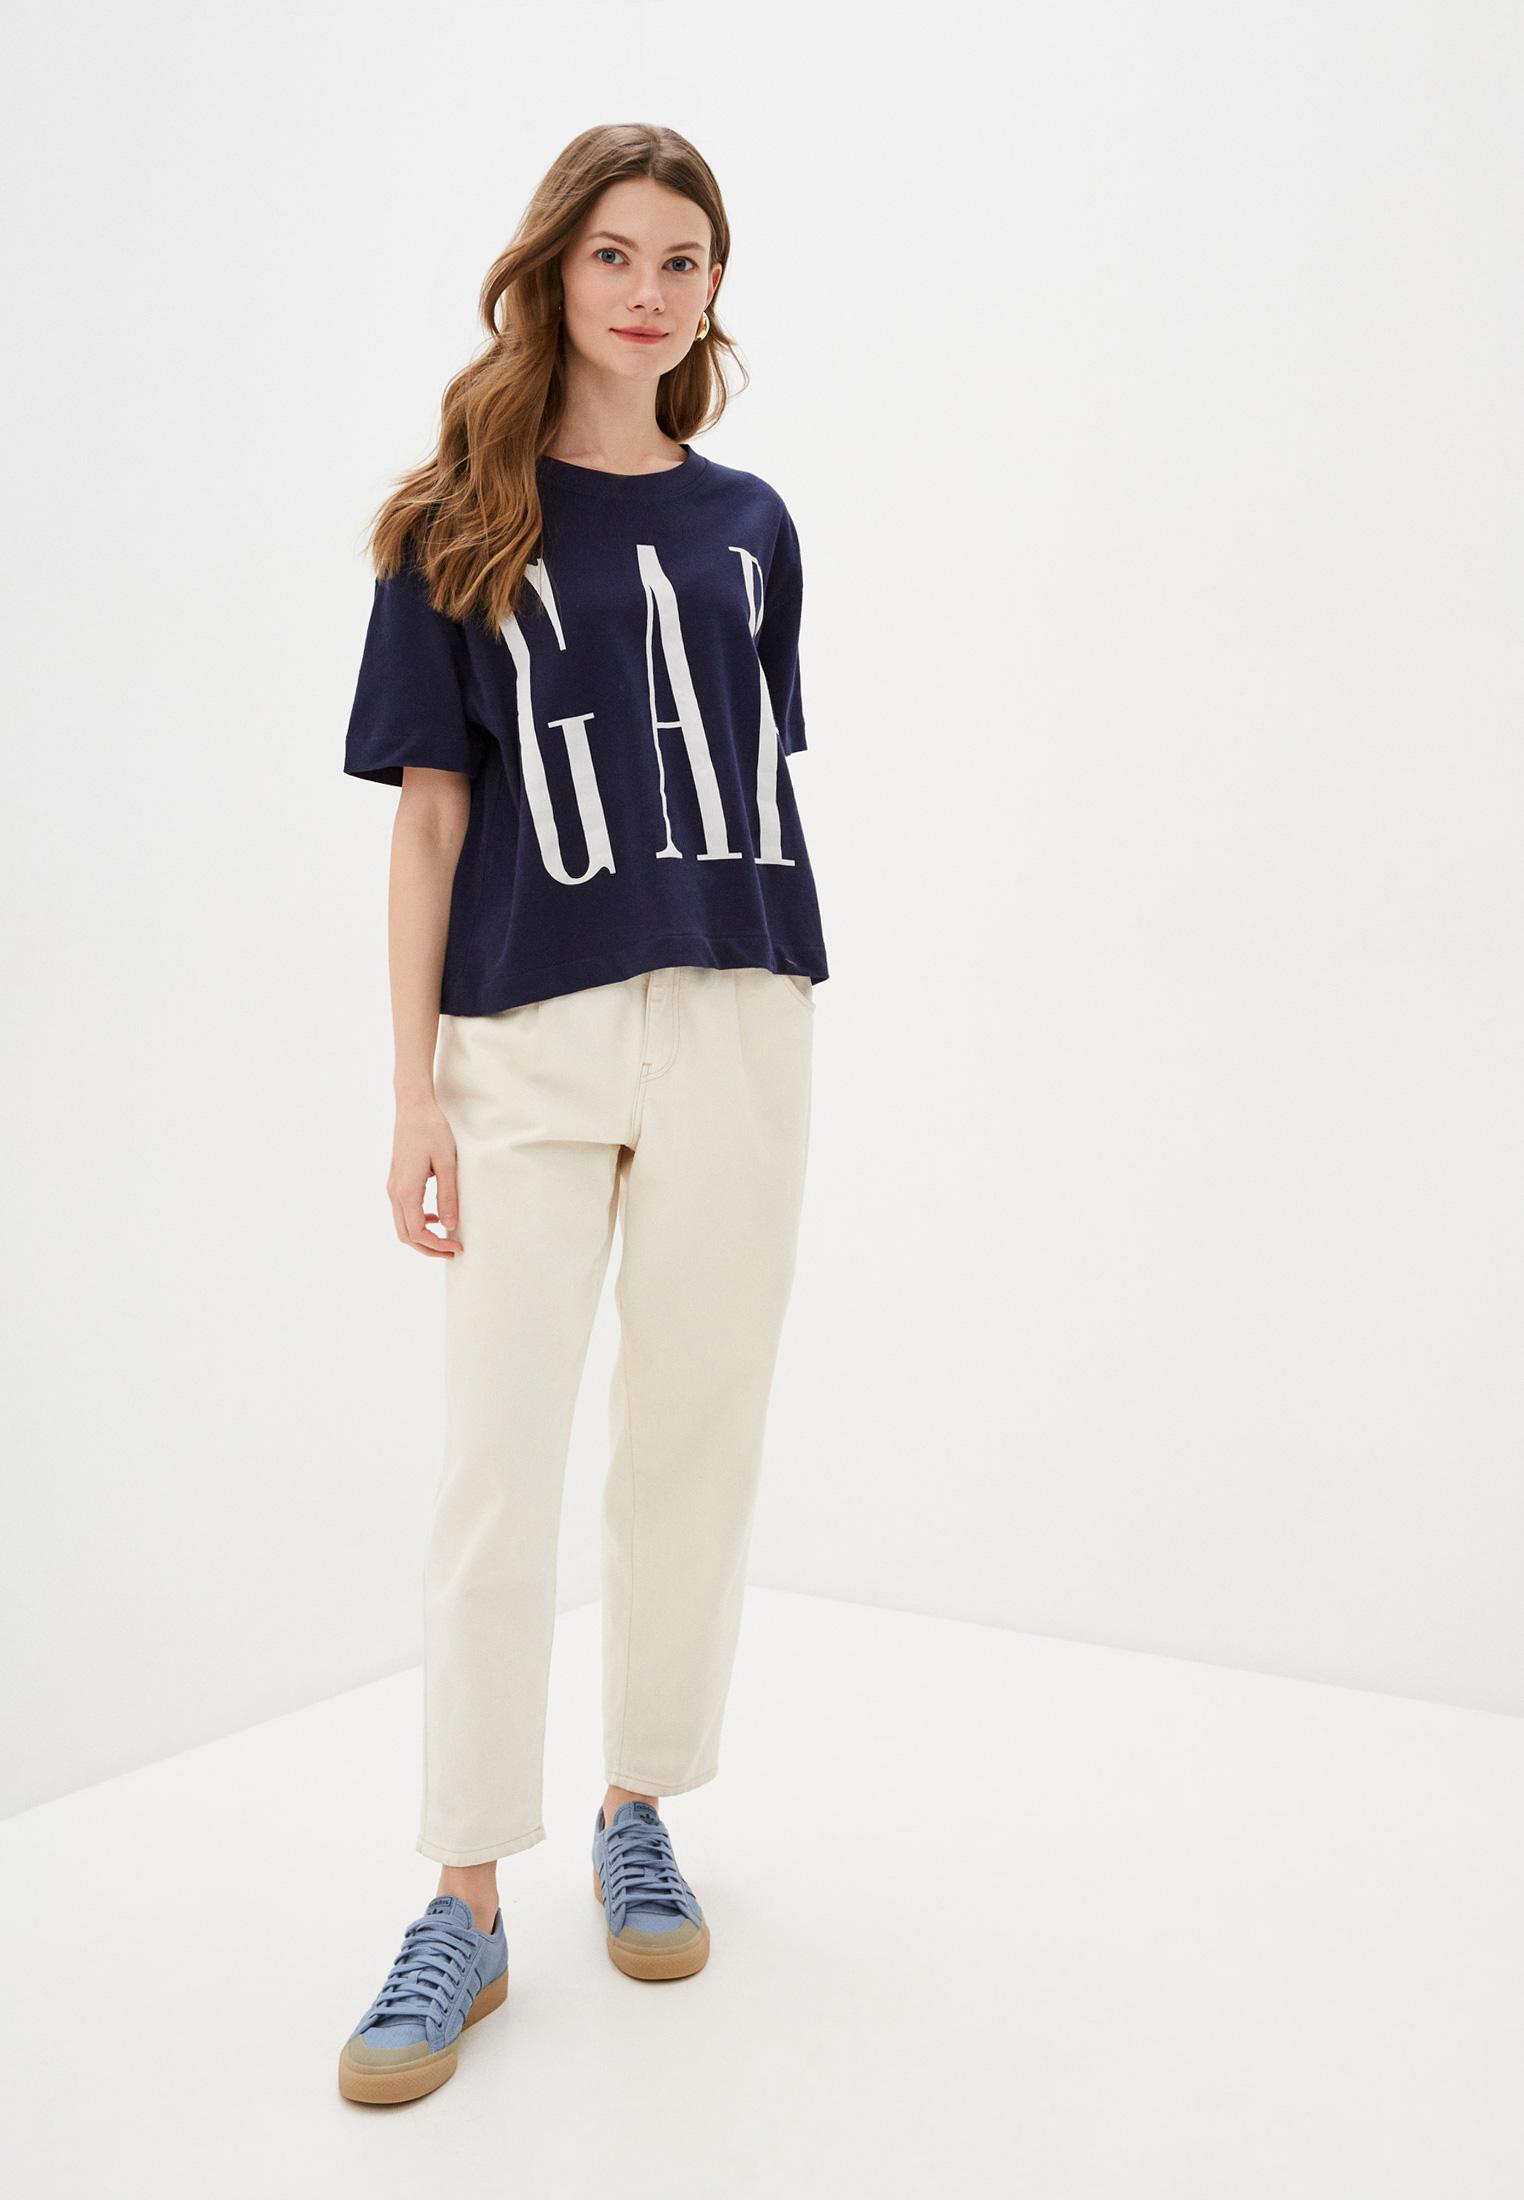 Топ 10 лучшие футболок для девочек подростков